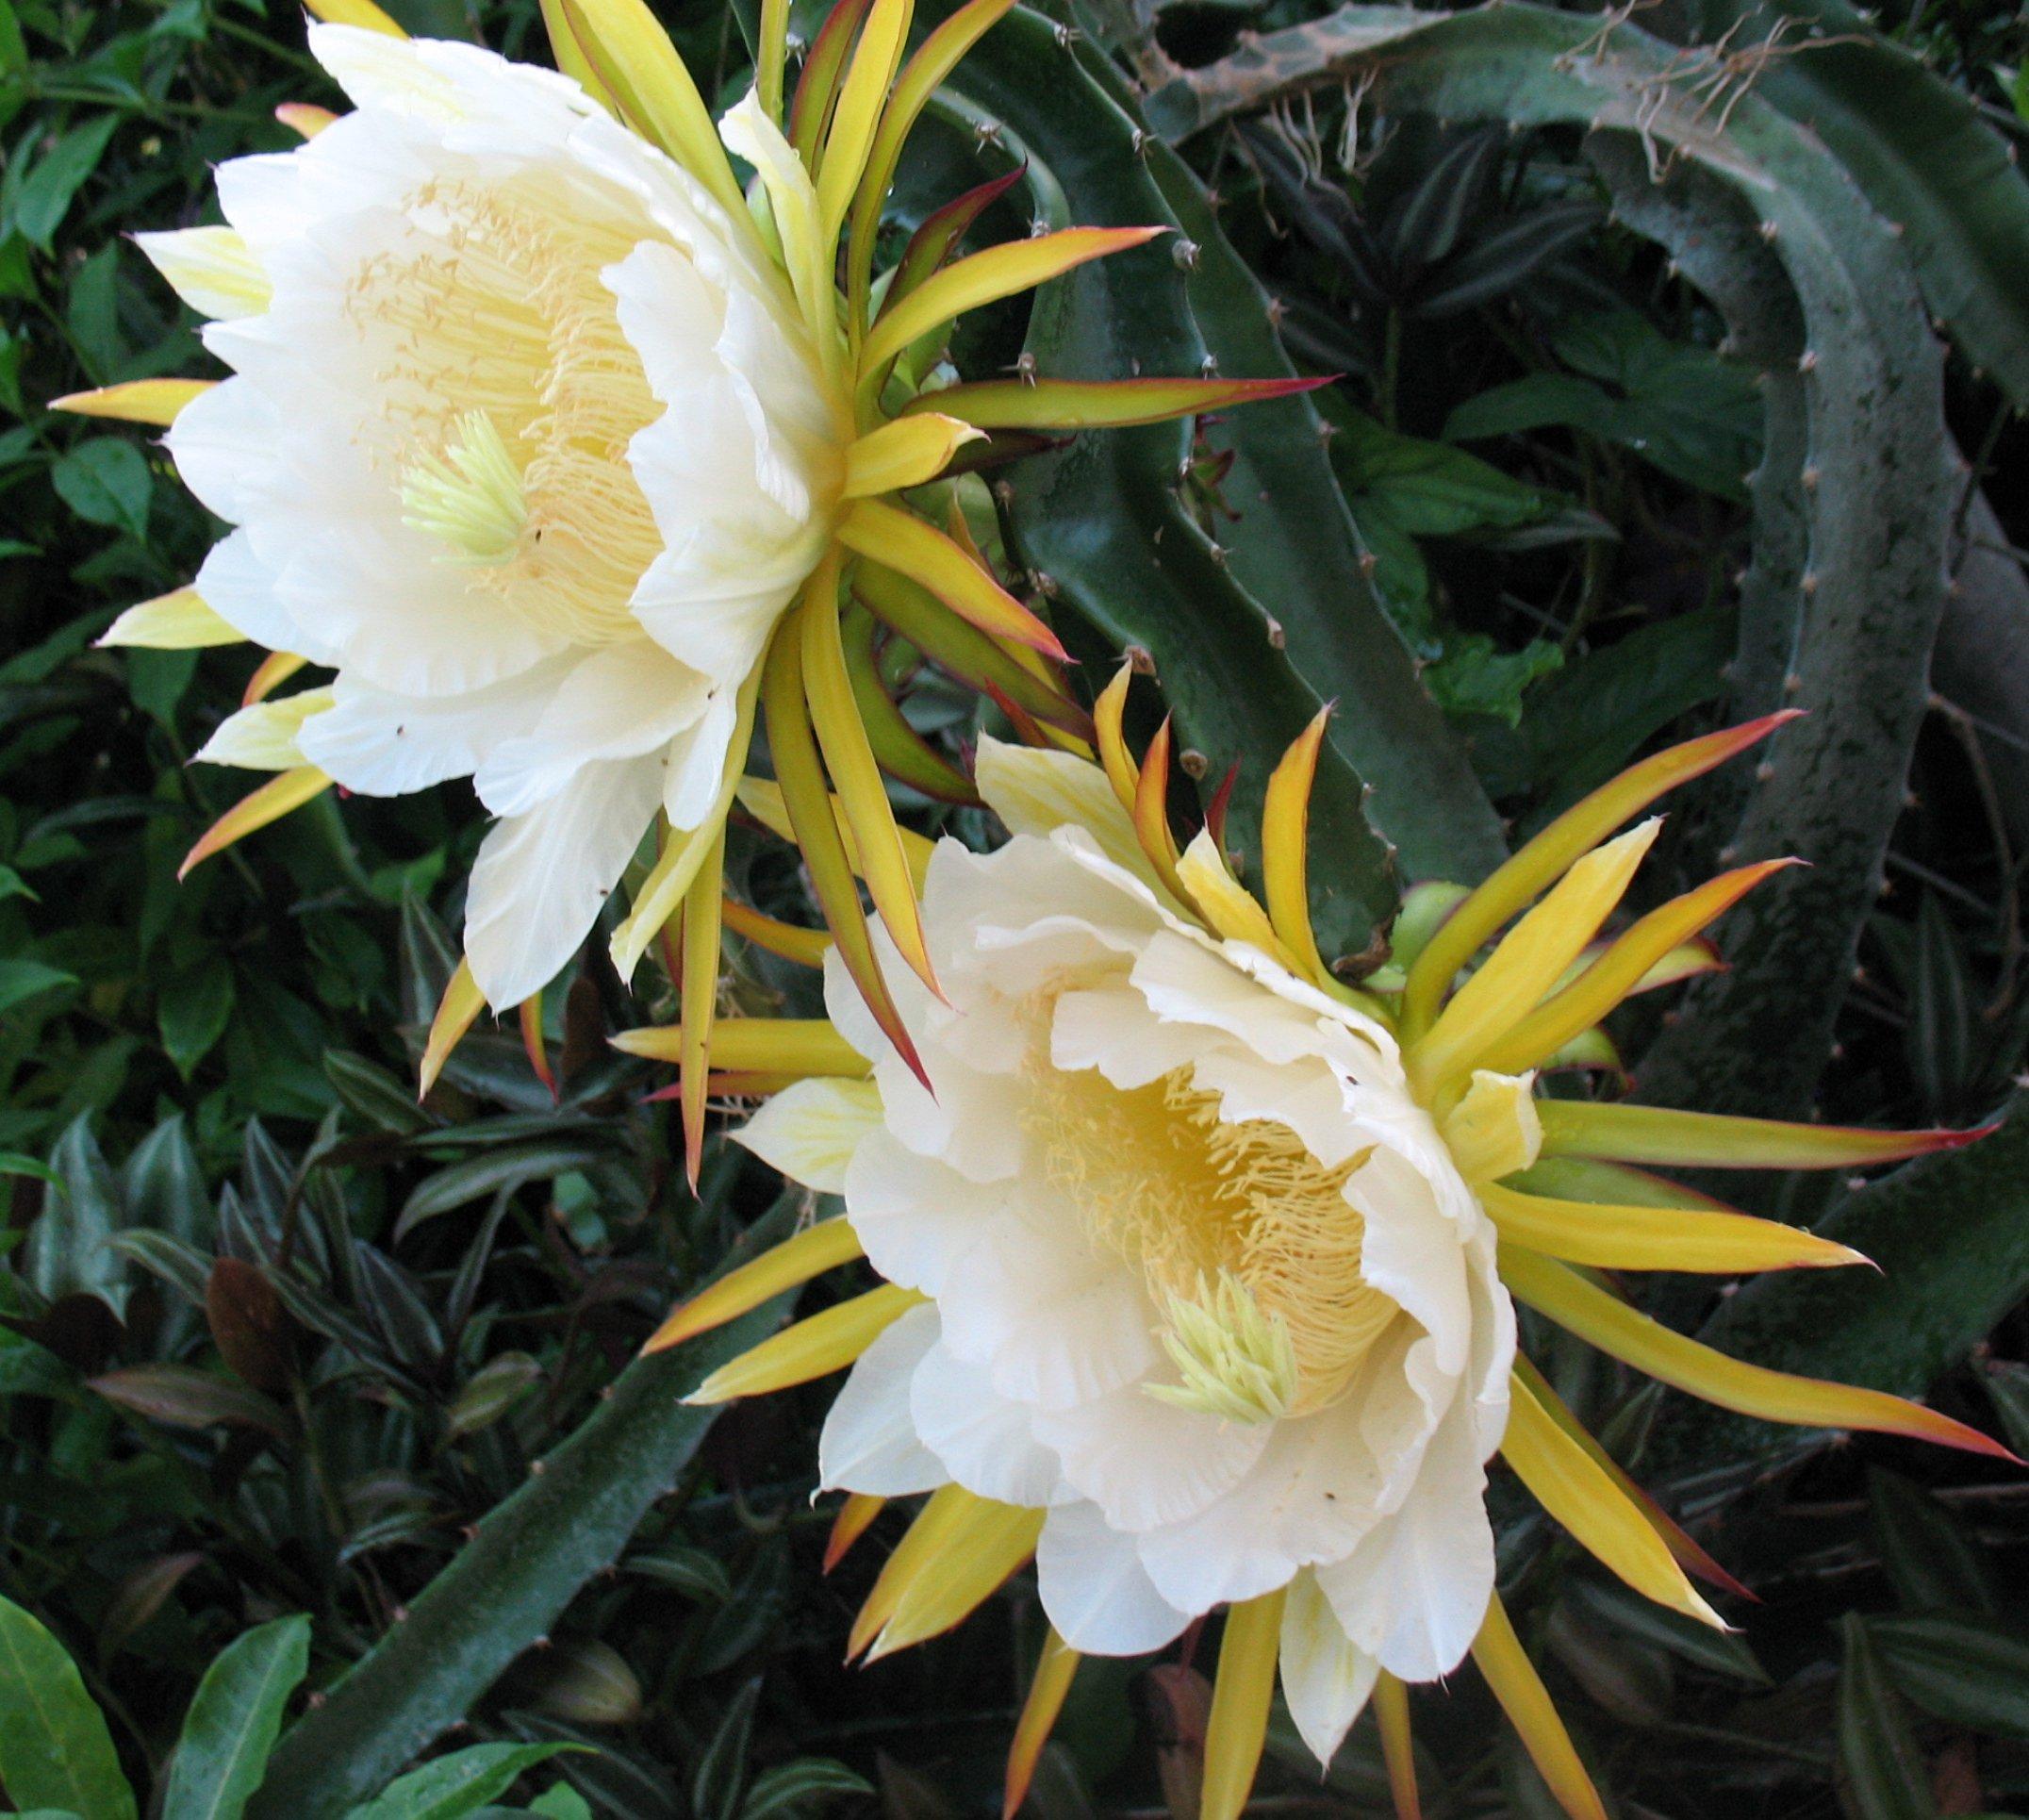 Pitahaya Costa Rica Pitahaya Costa Rica